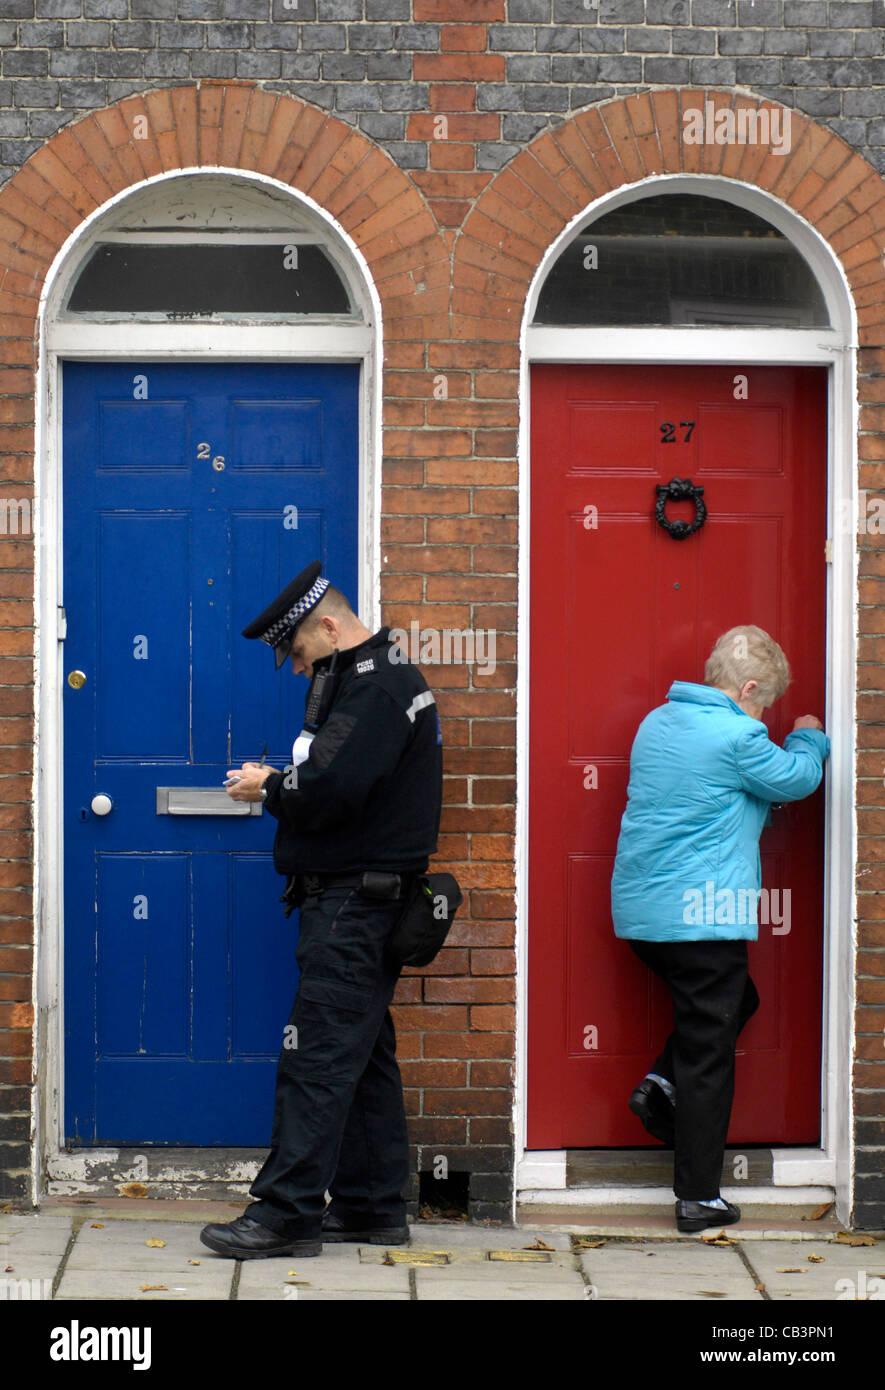 La polizia porta a porta per indagini di polizia comunitaria Immagini Stock